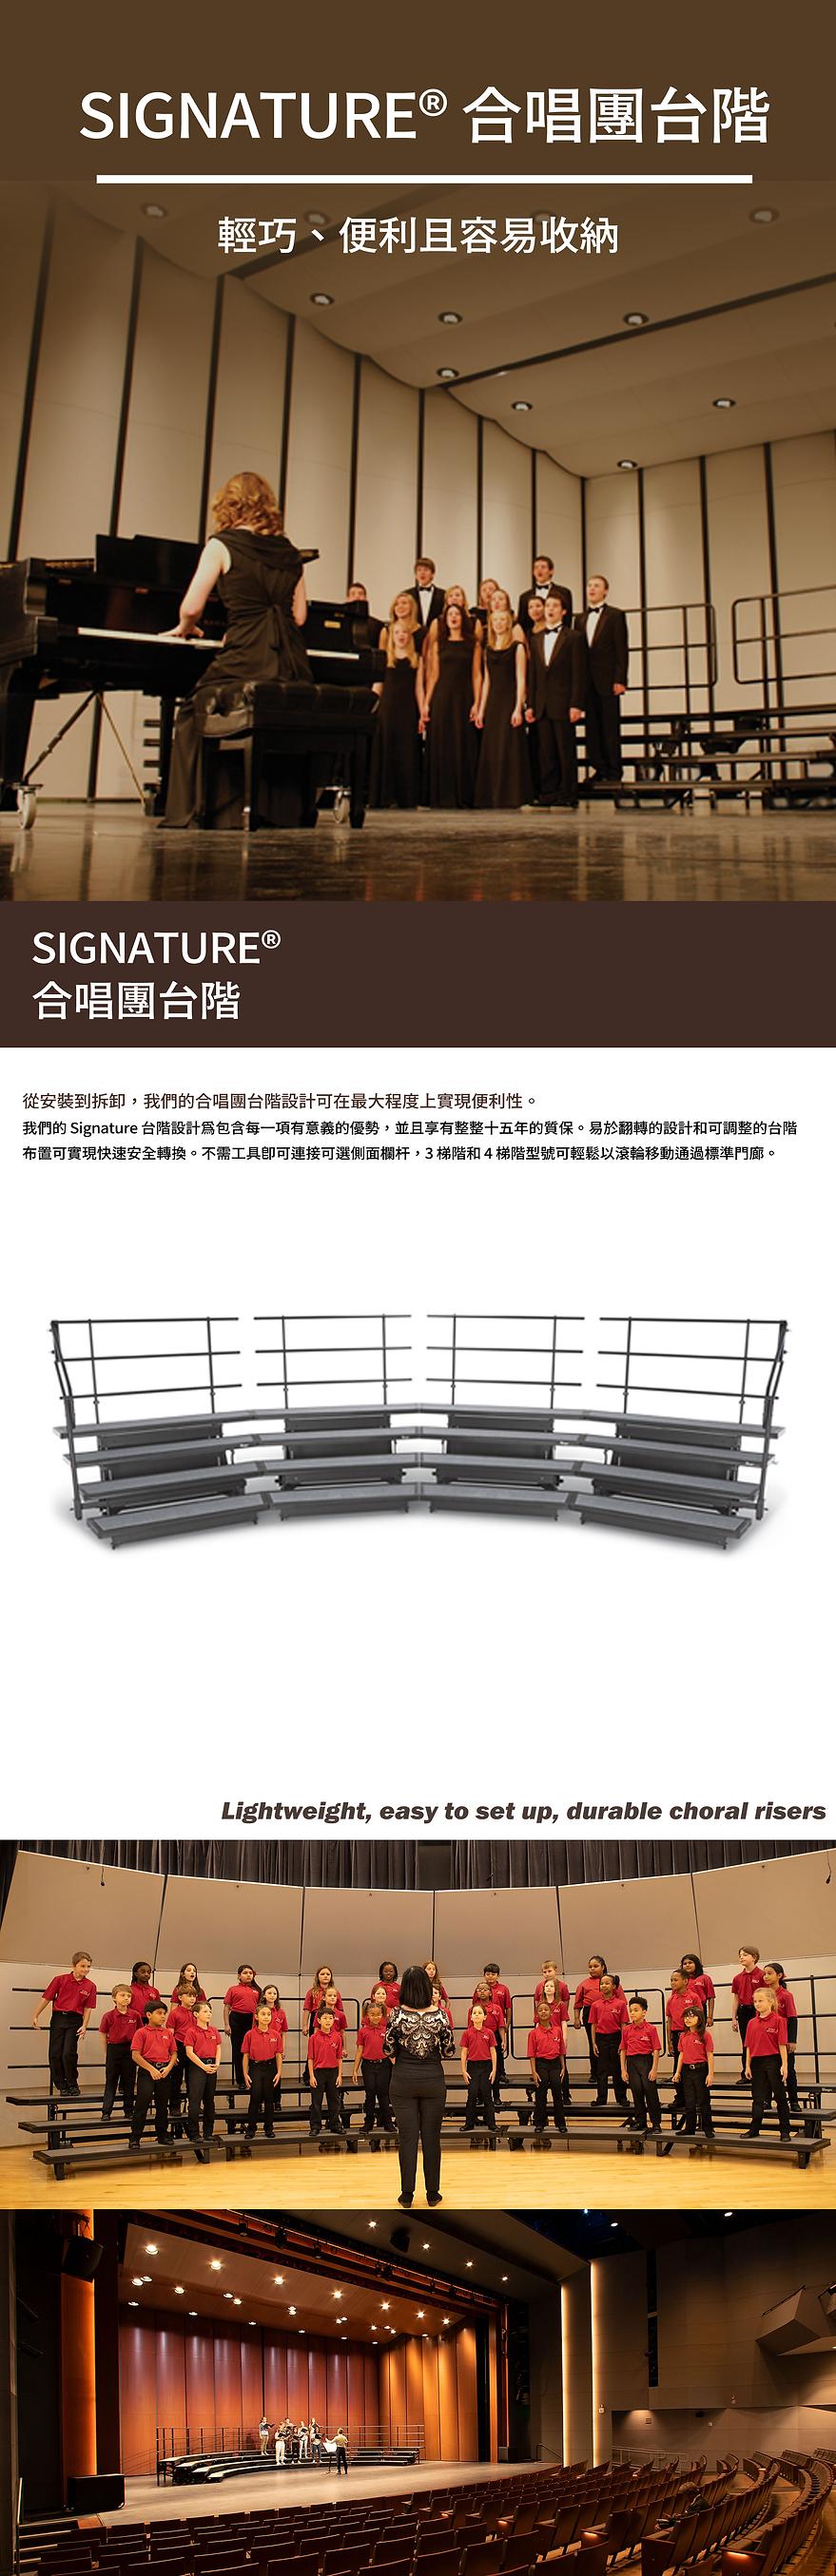 signature-1拷貝.png